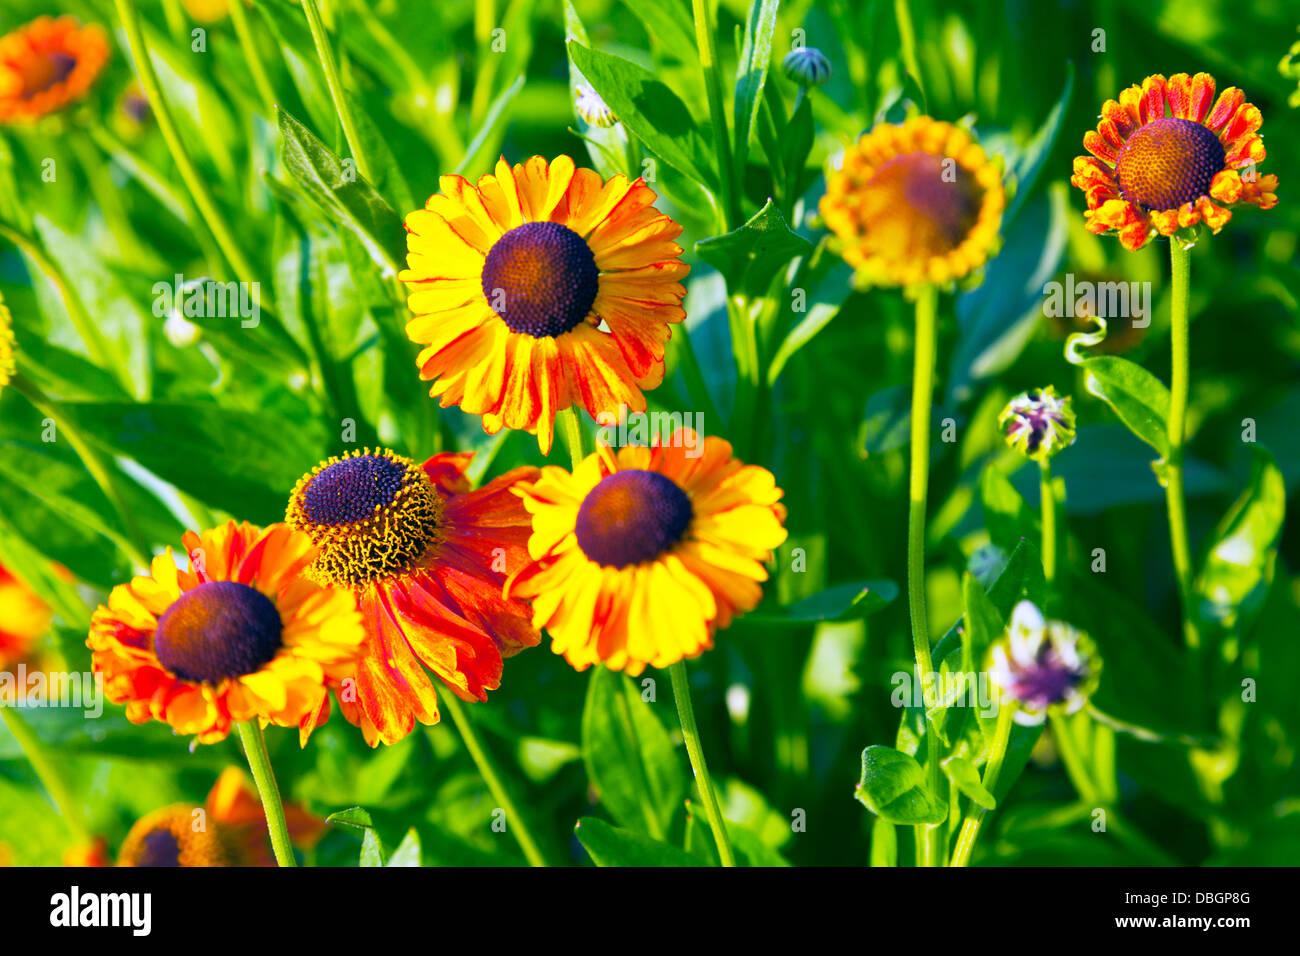 English Garden Flower Helenium Stock Photos English Garden